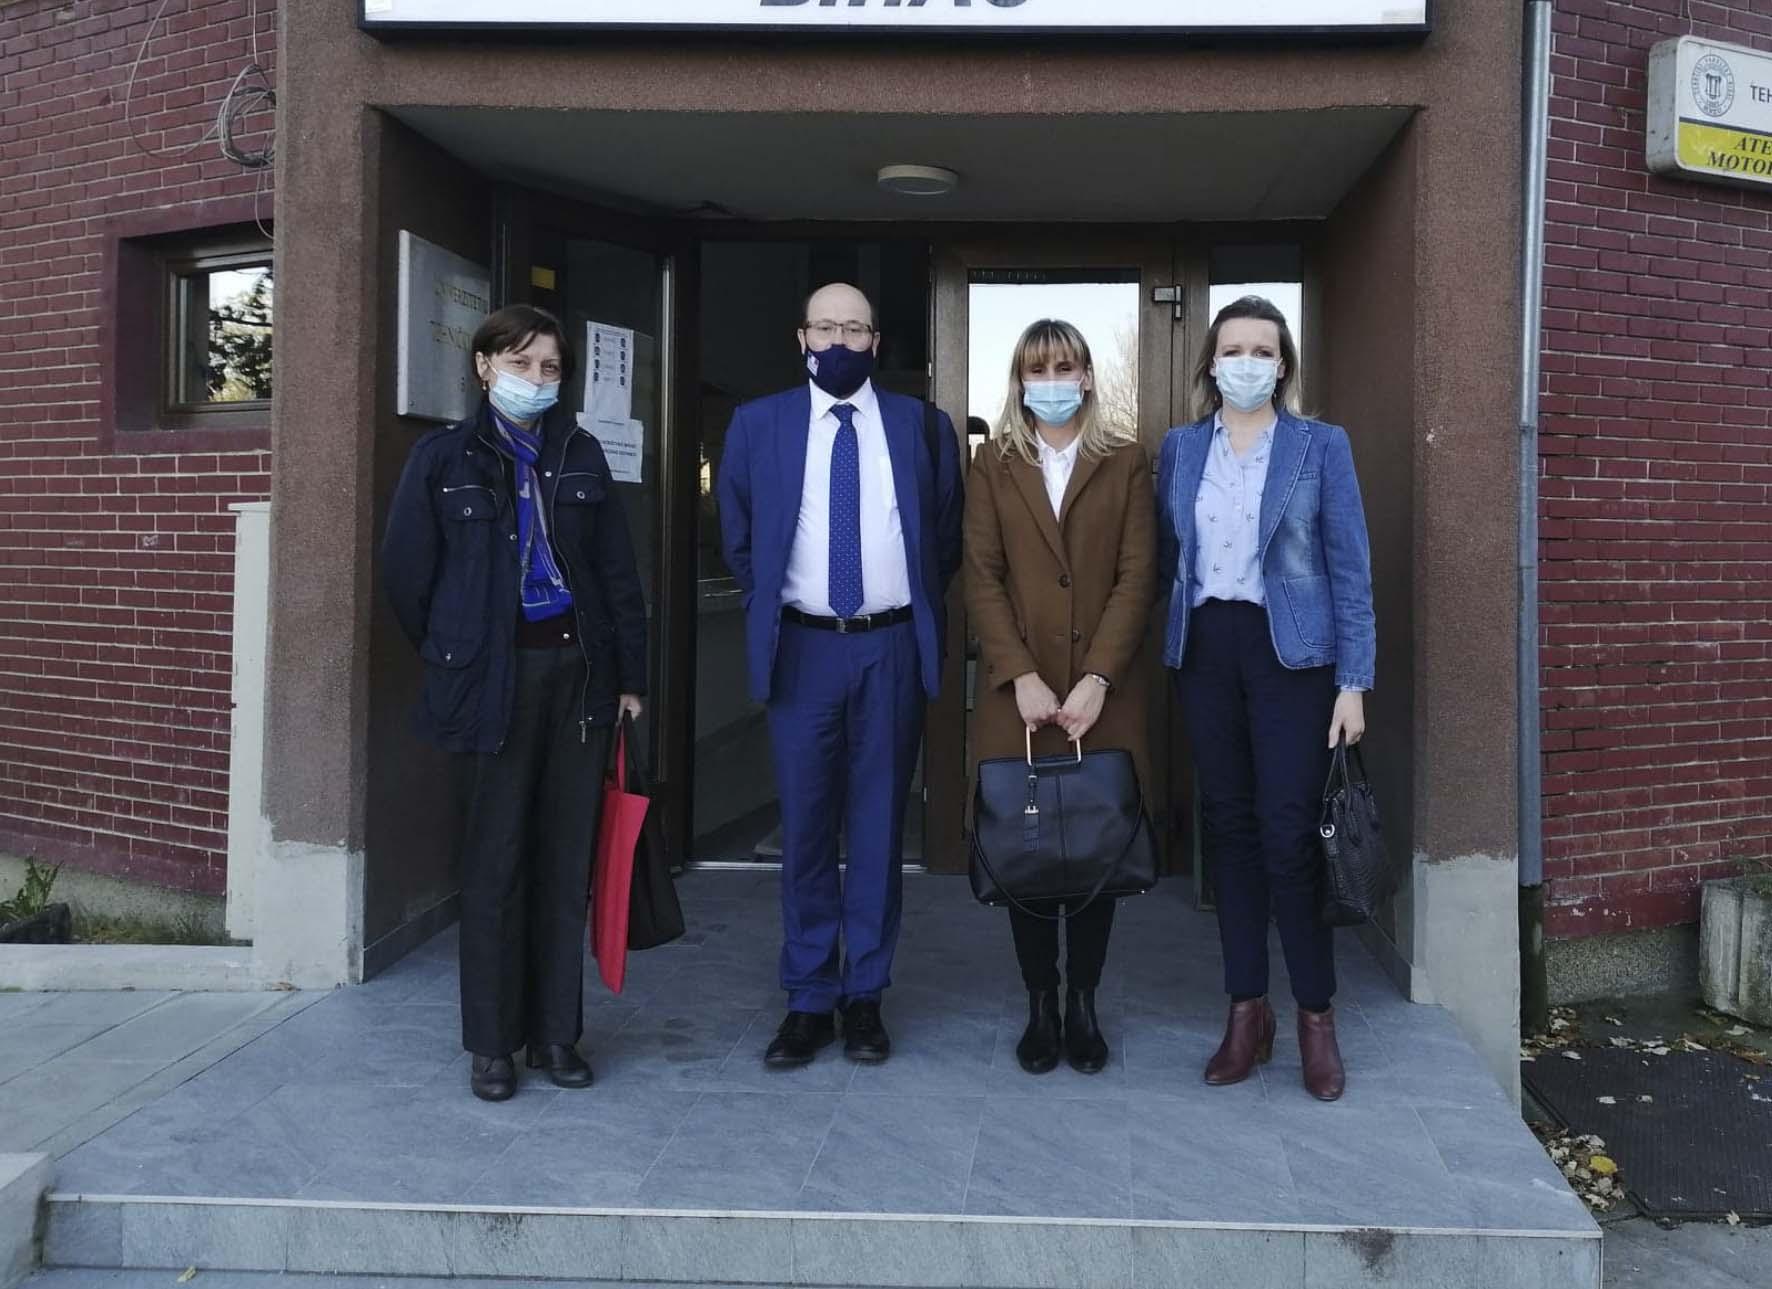 Posjeta Atašea za saradnju Ambasade Francuske u Bosni i Hercegovini Univerzitetu u Bihaću